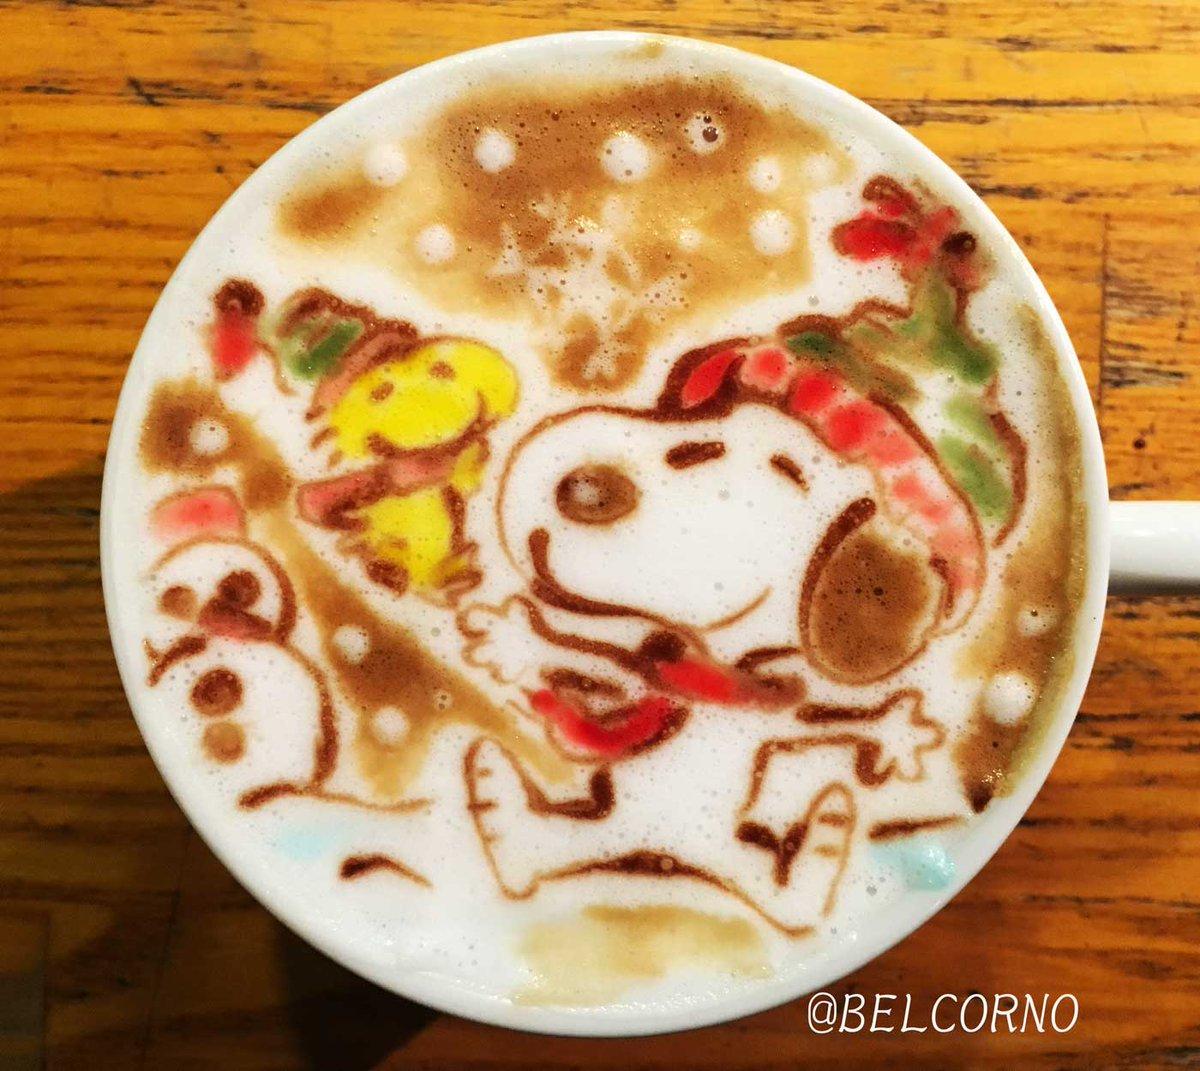 ラテアート【スヌーピー】LatteArt【SNOOPY】#peanuts #snoopy #latteart #スヌーピ